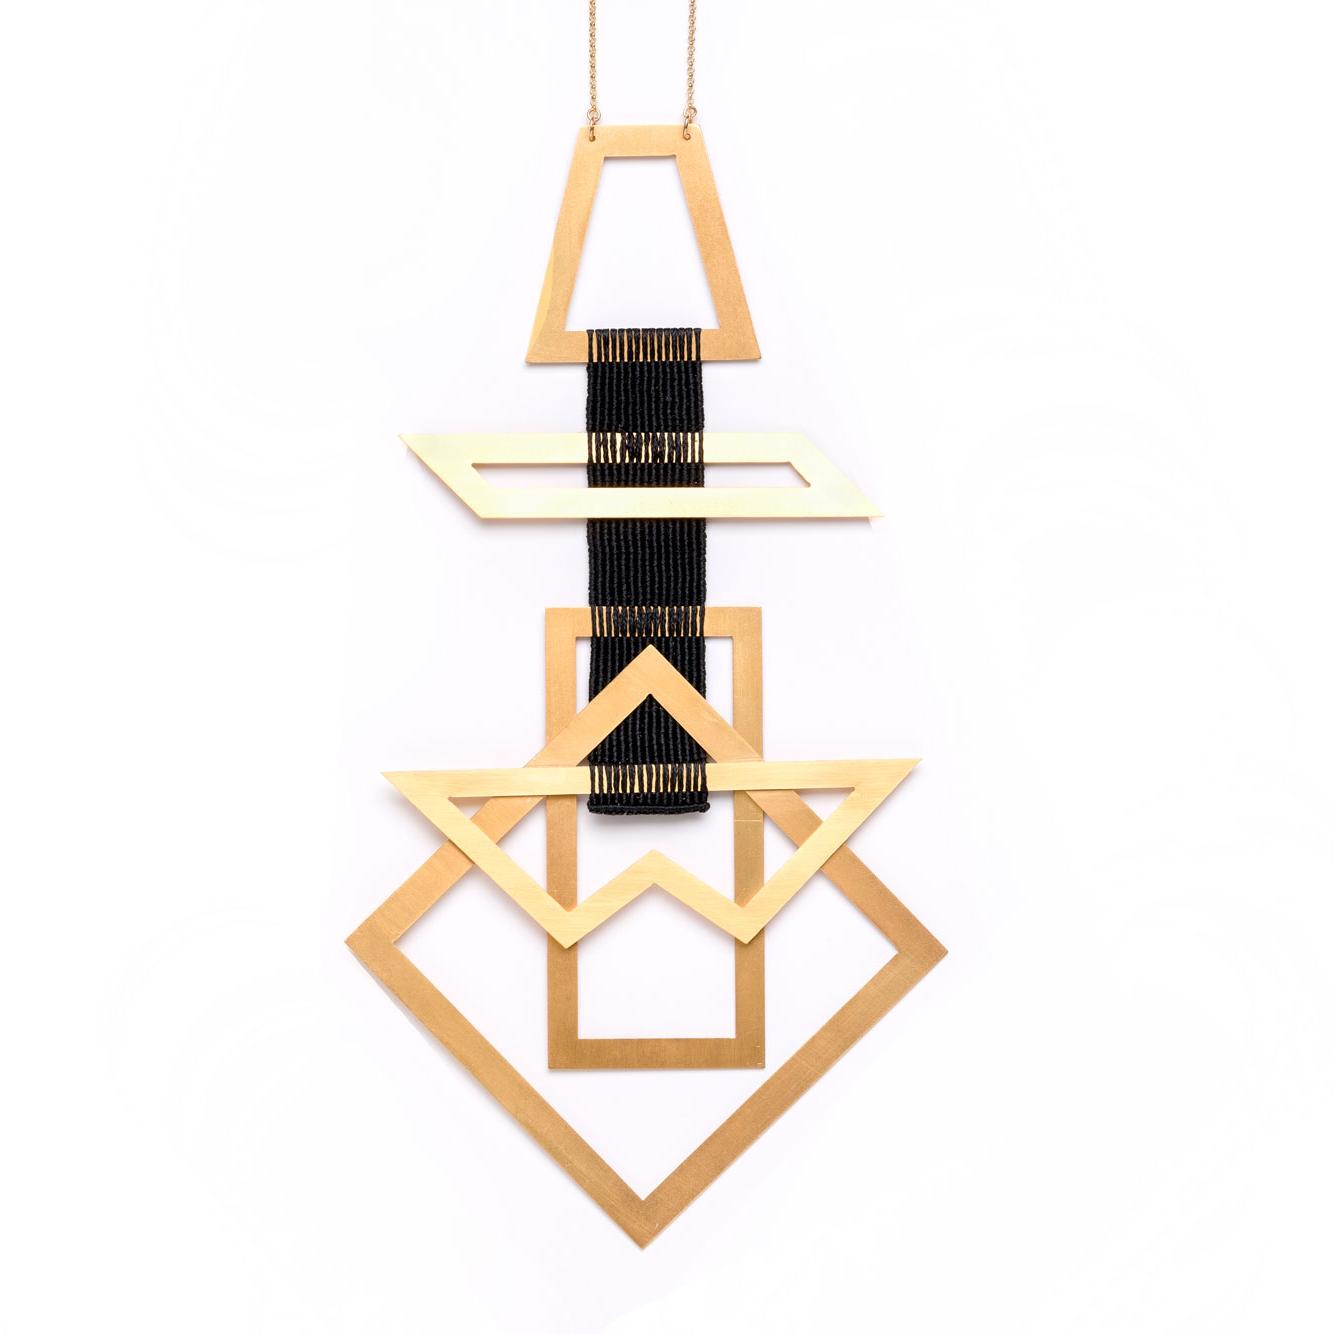 ethos-traele-necklace